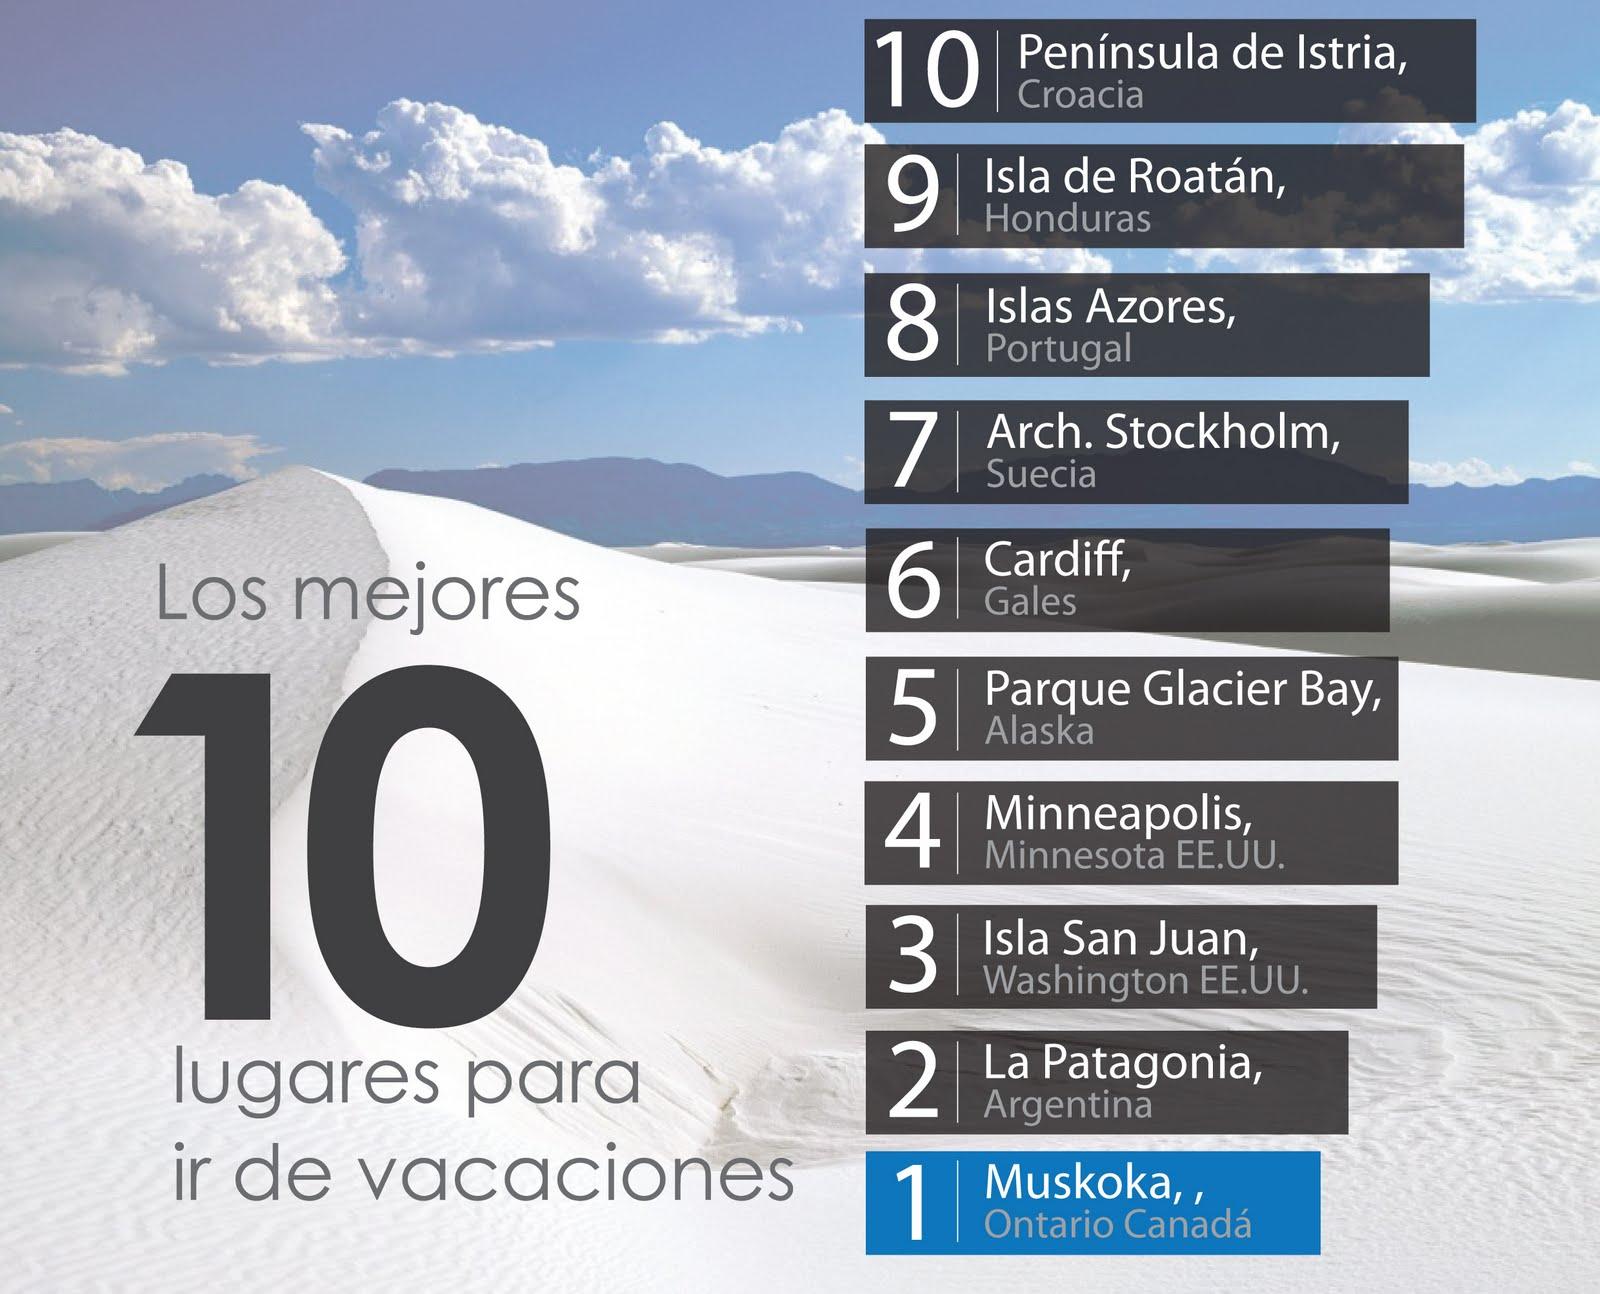 turismo los mejores lugares para vacacionar notiestetica